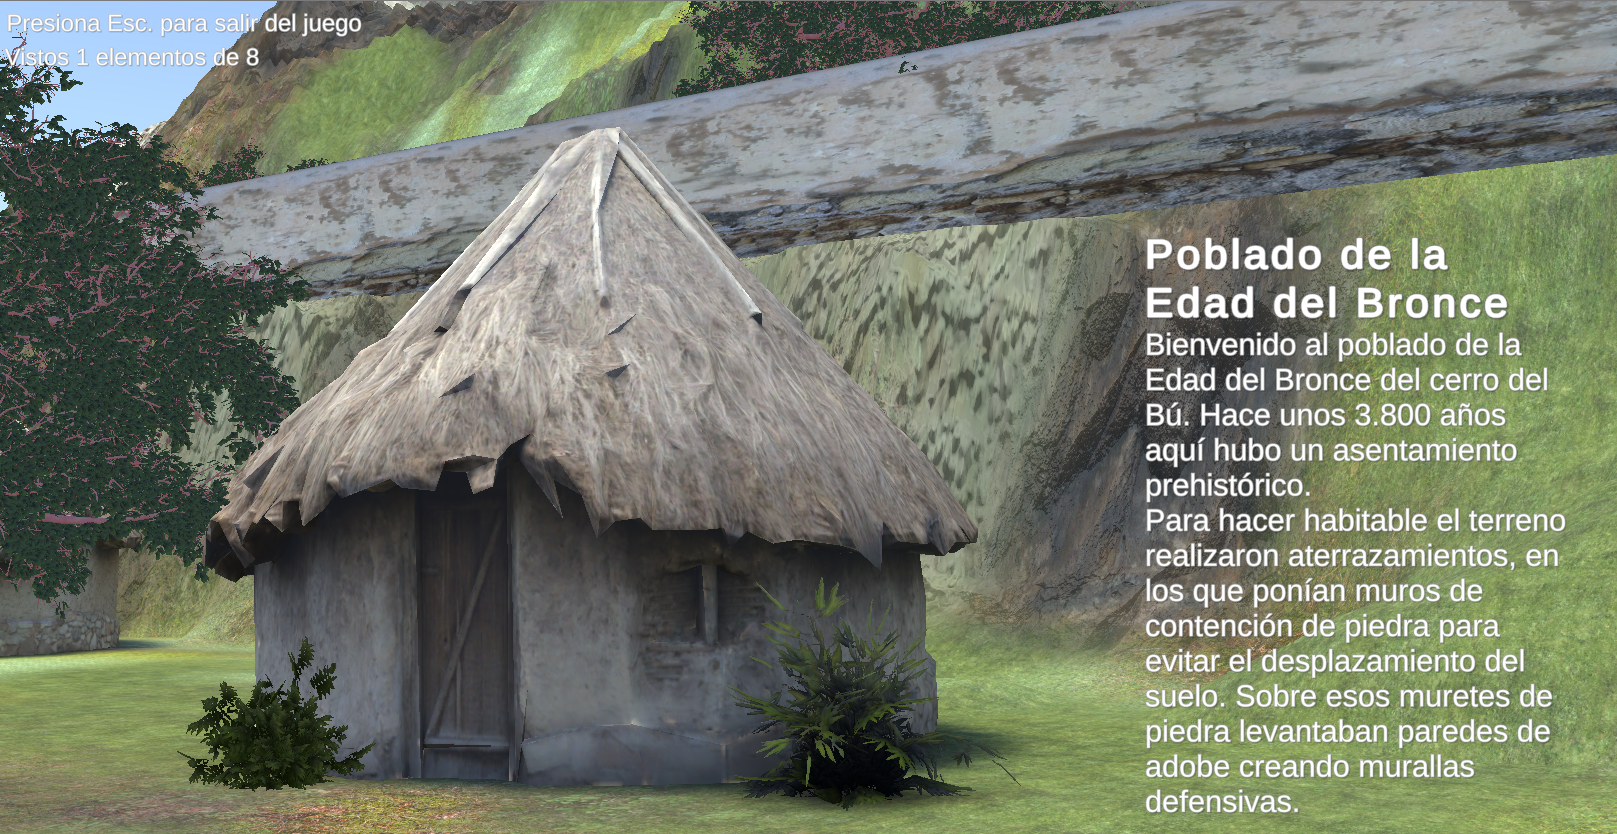 Pantallazo del videojuego, en él se aprecia una cabaña y el texto explicativo que habla de cómo era el poblado